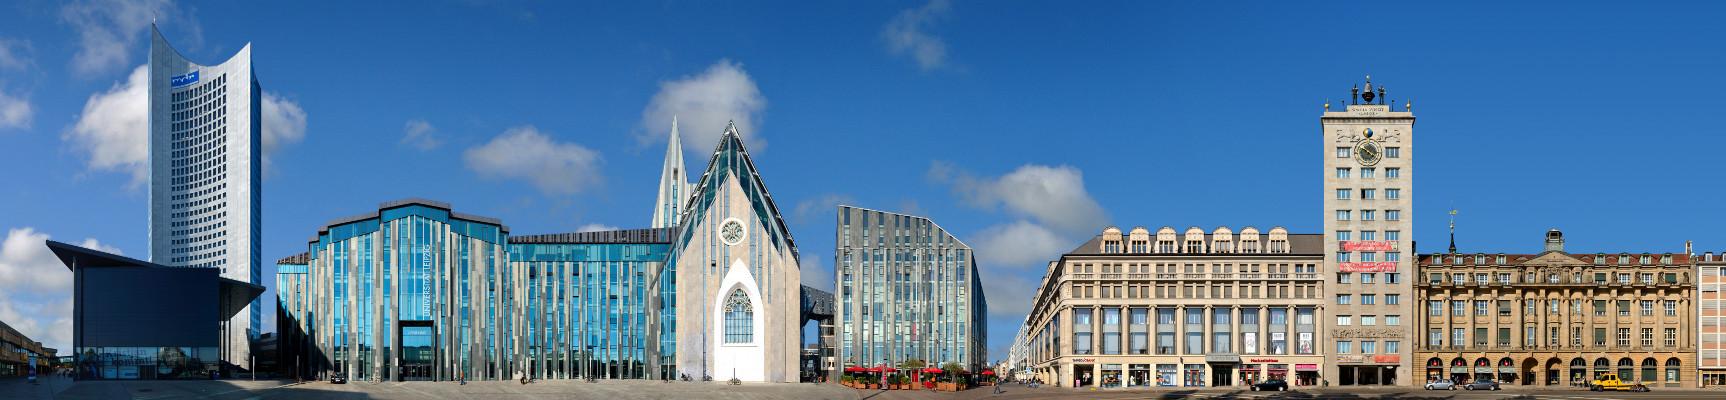 Augustusplatz / Universität Leipzig